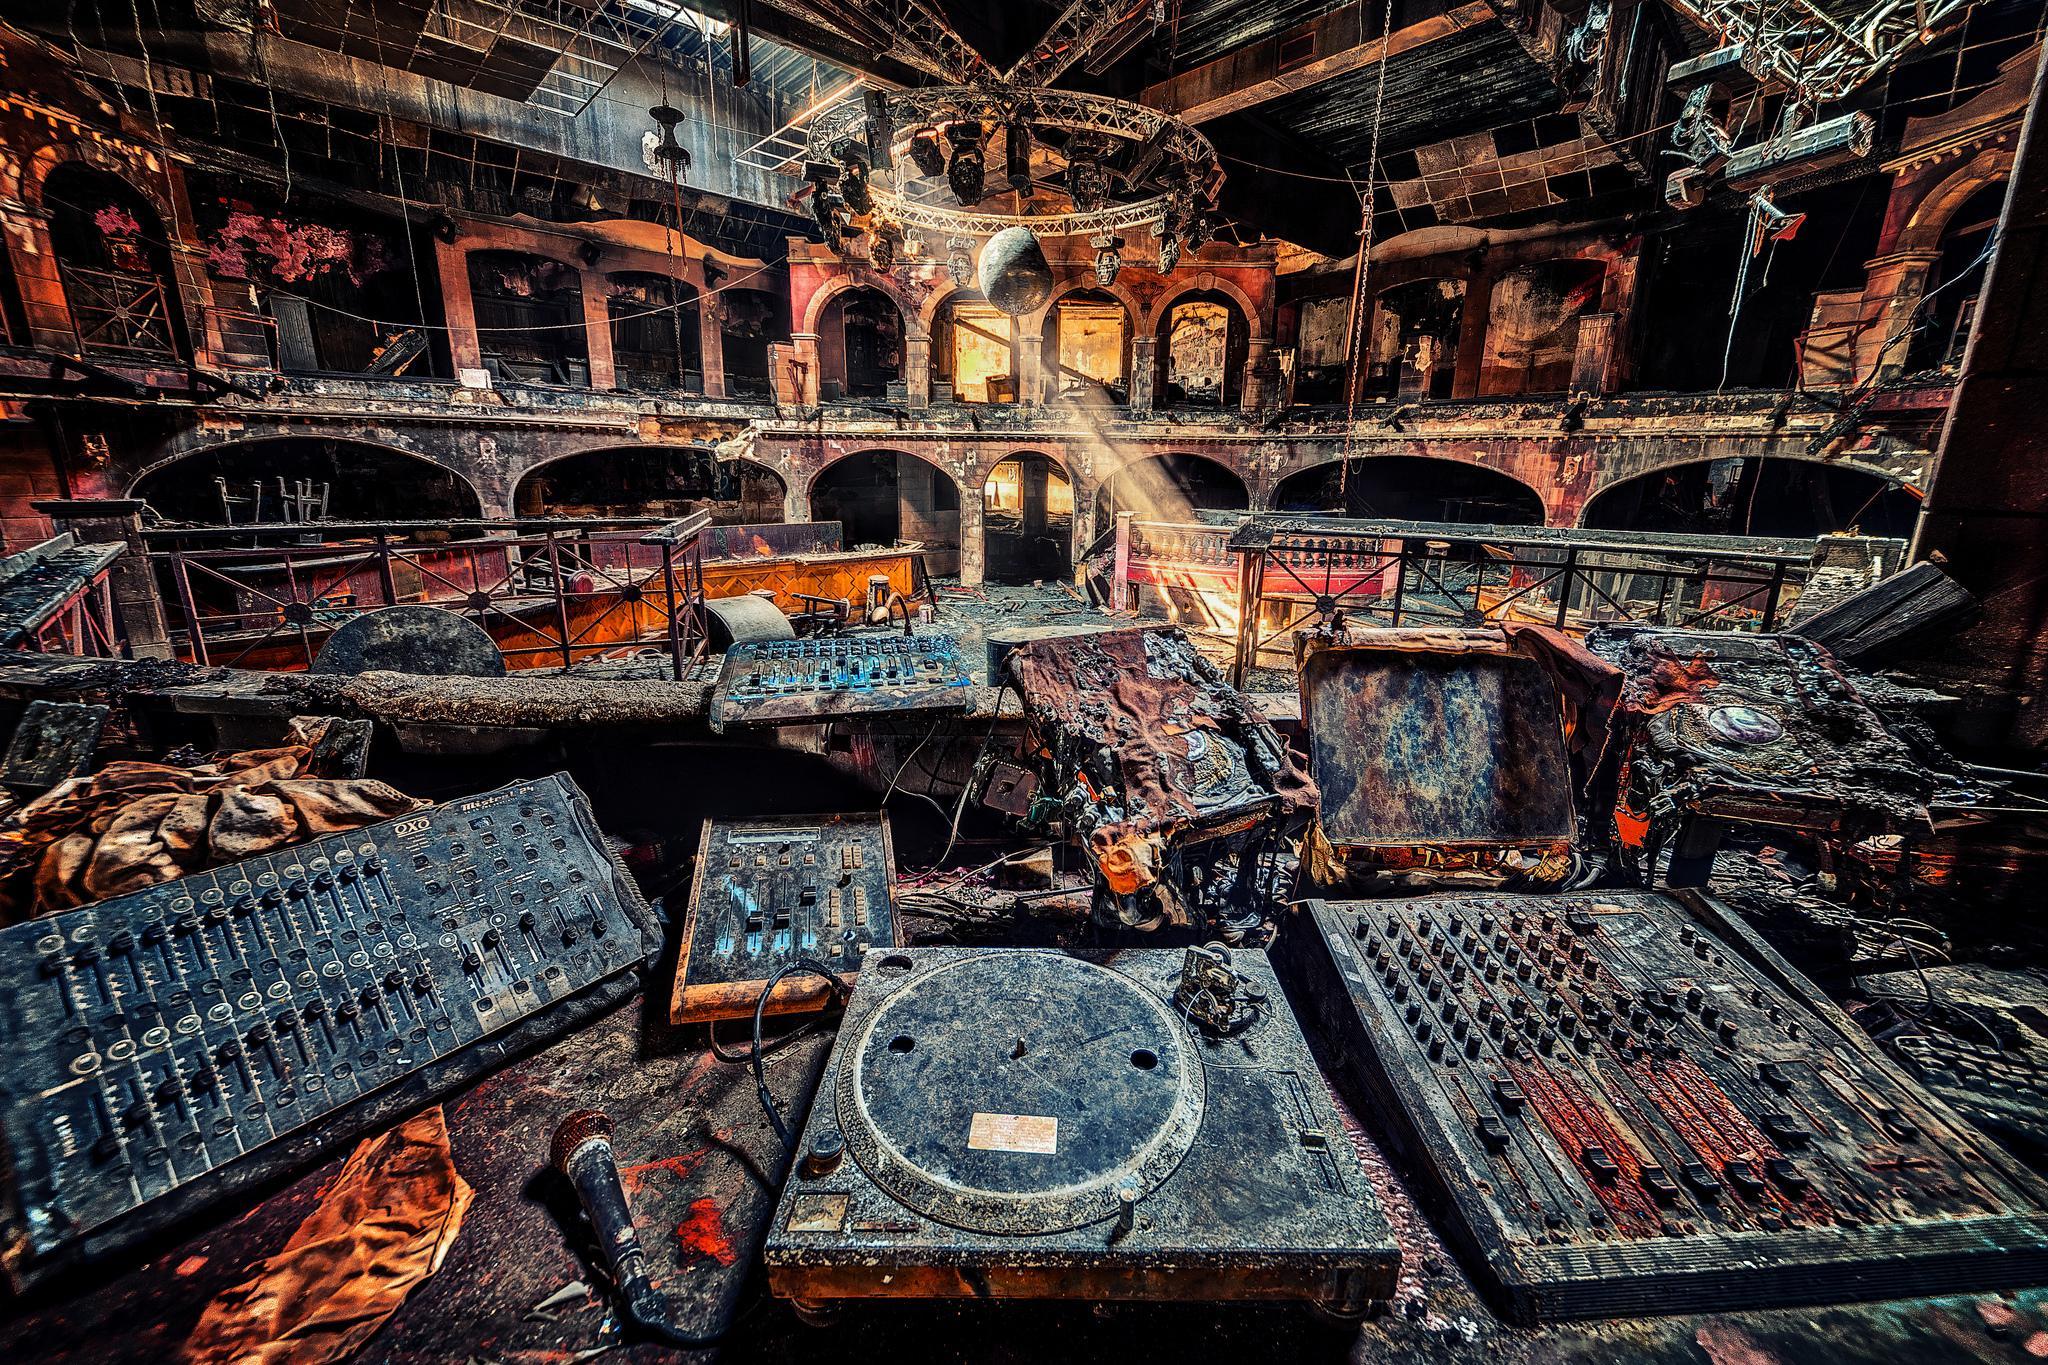 заброшенный ночной клуб, диджей, руины